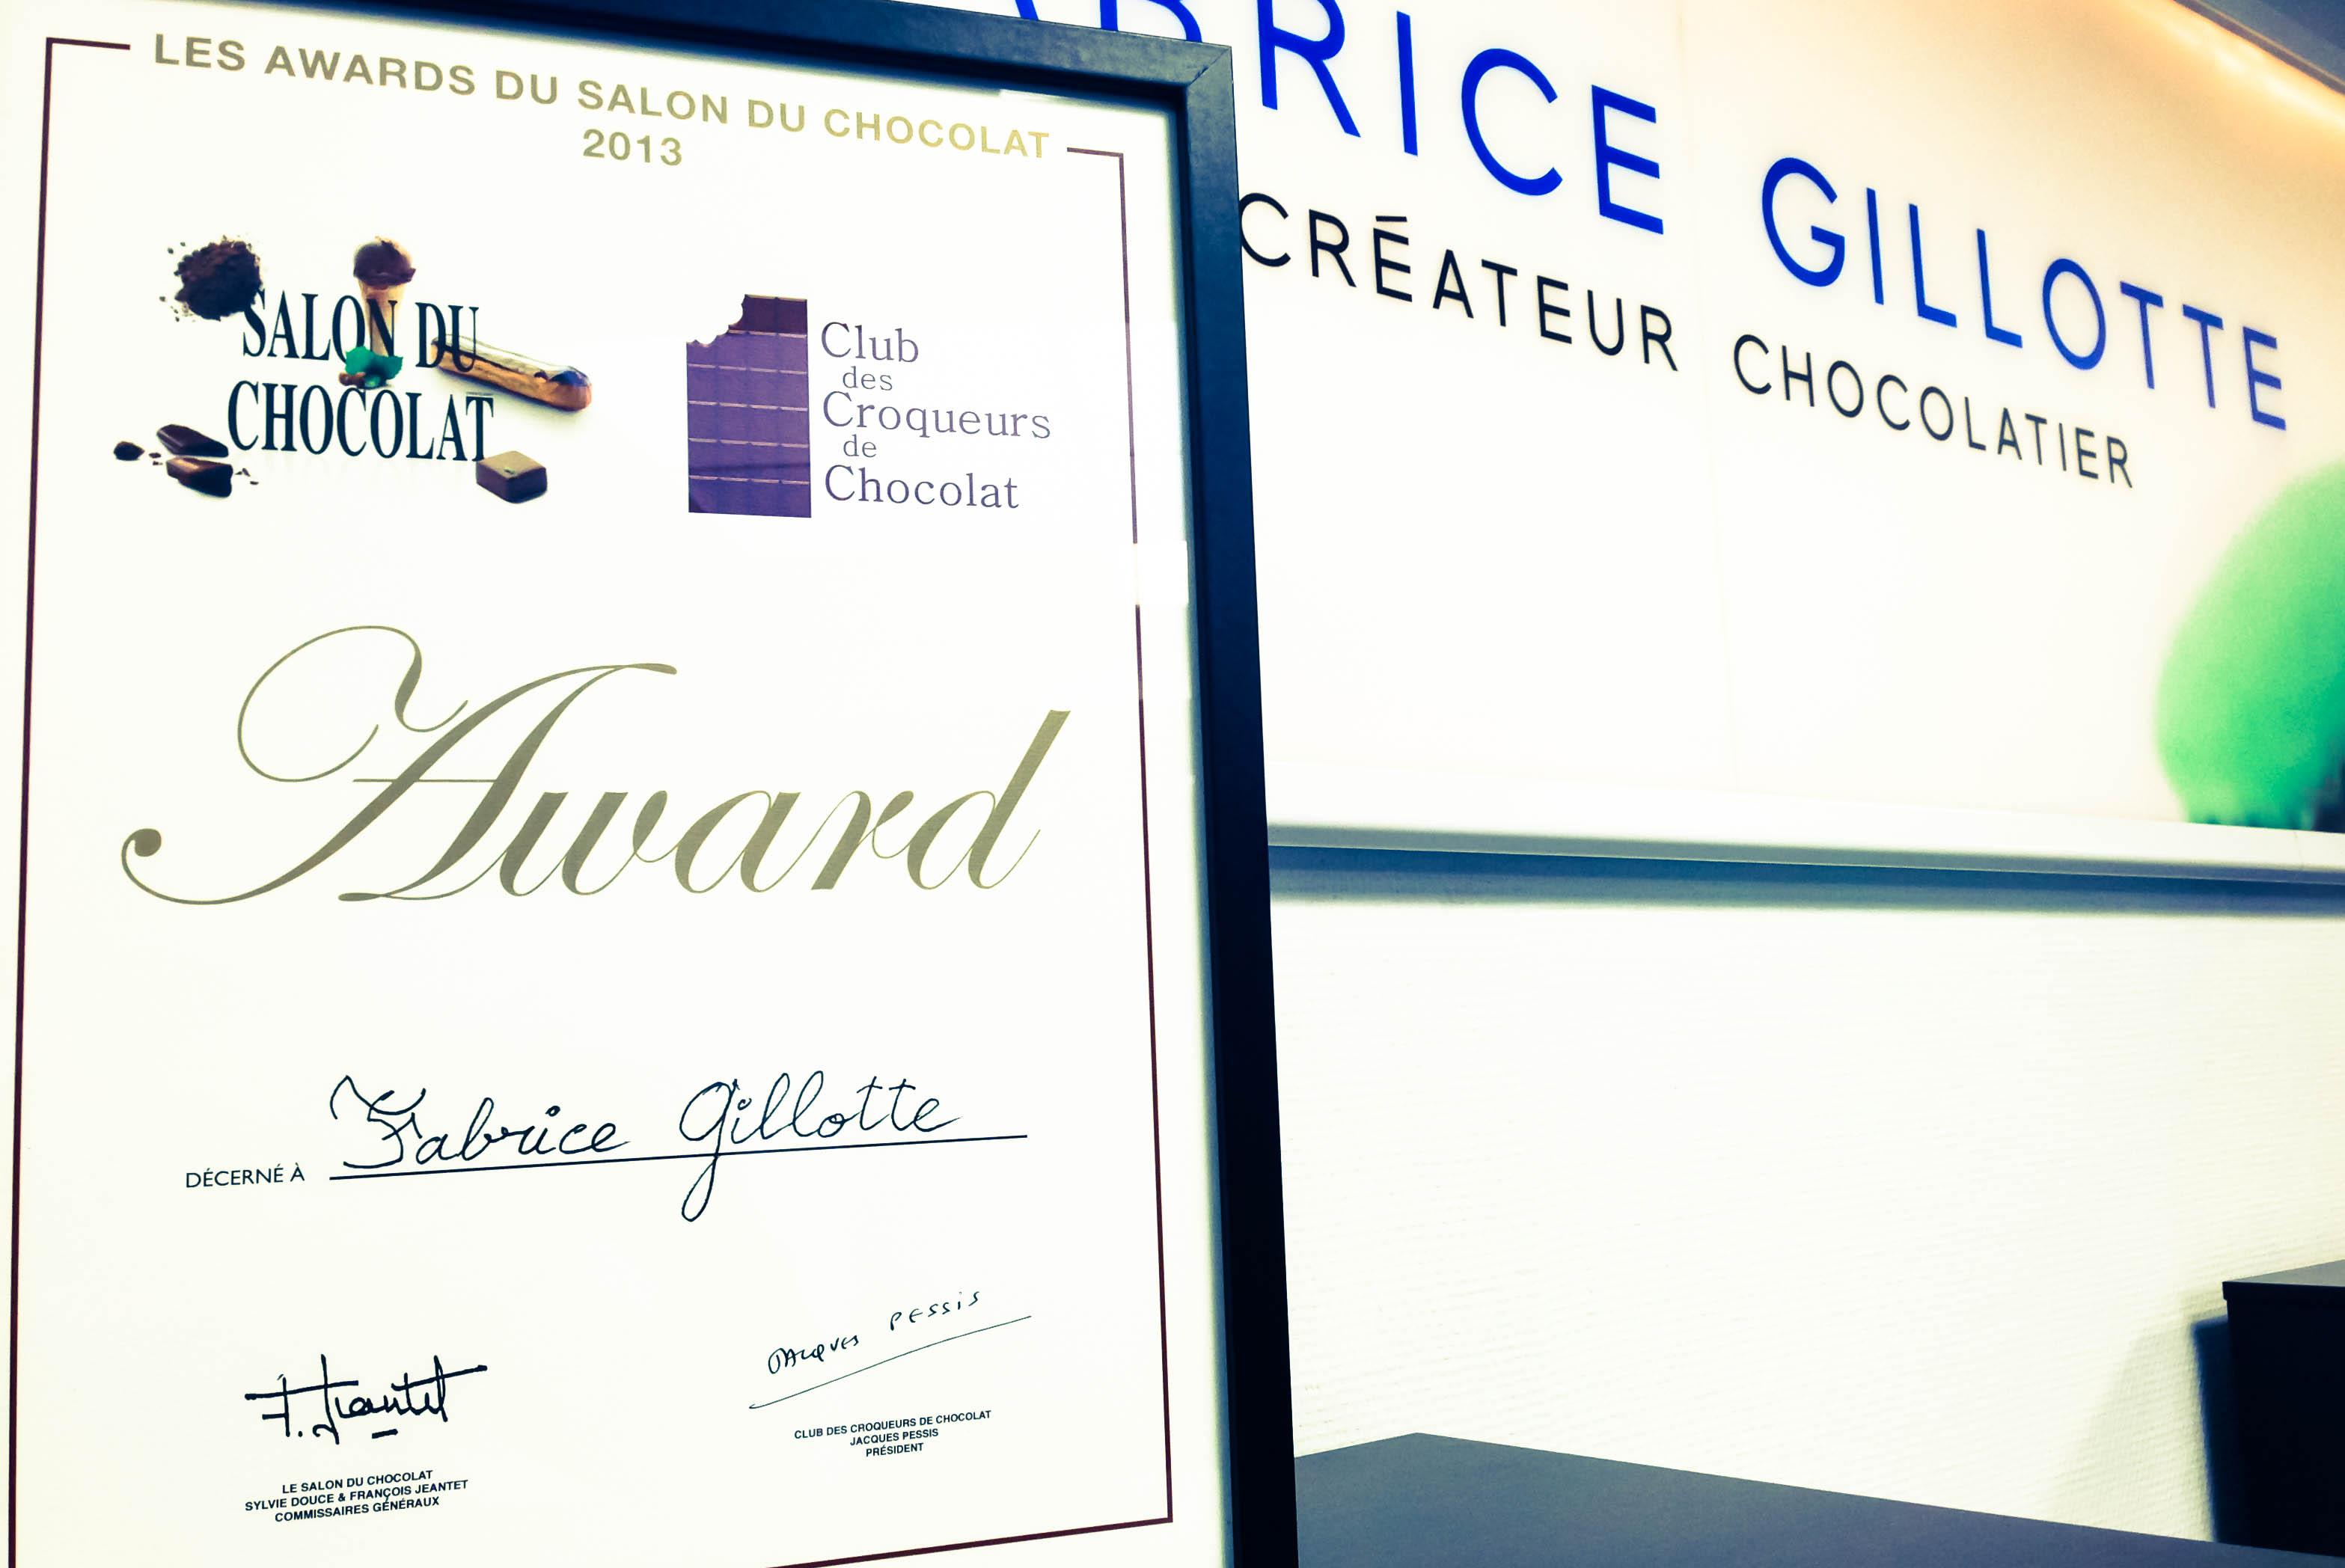 © Award de Fabrice Gillotte au Salon du Chocolat 2013